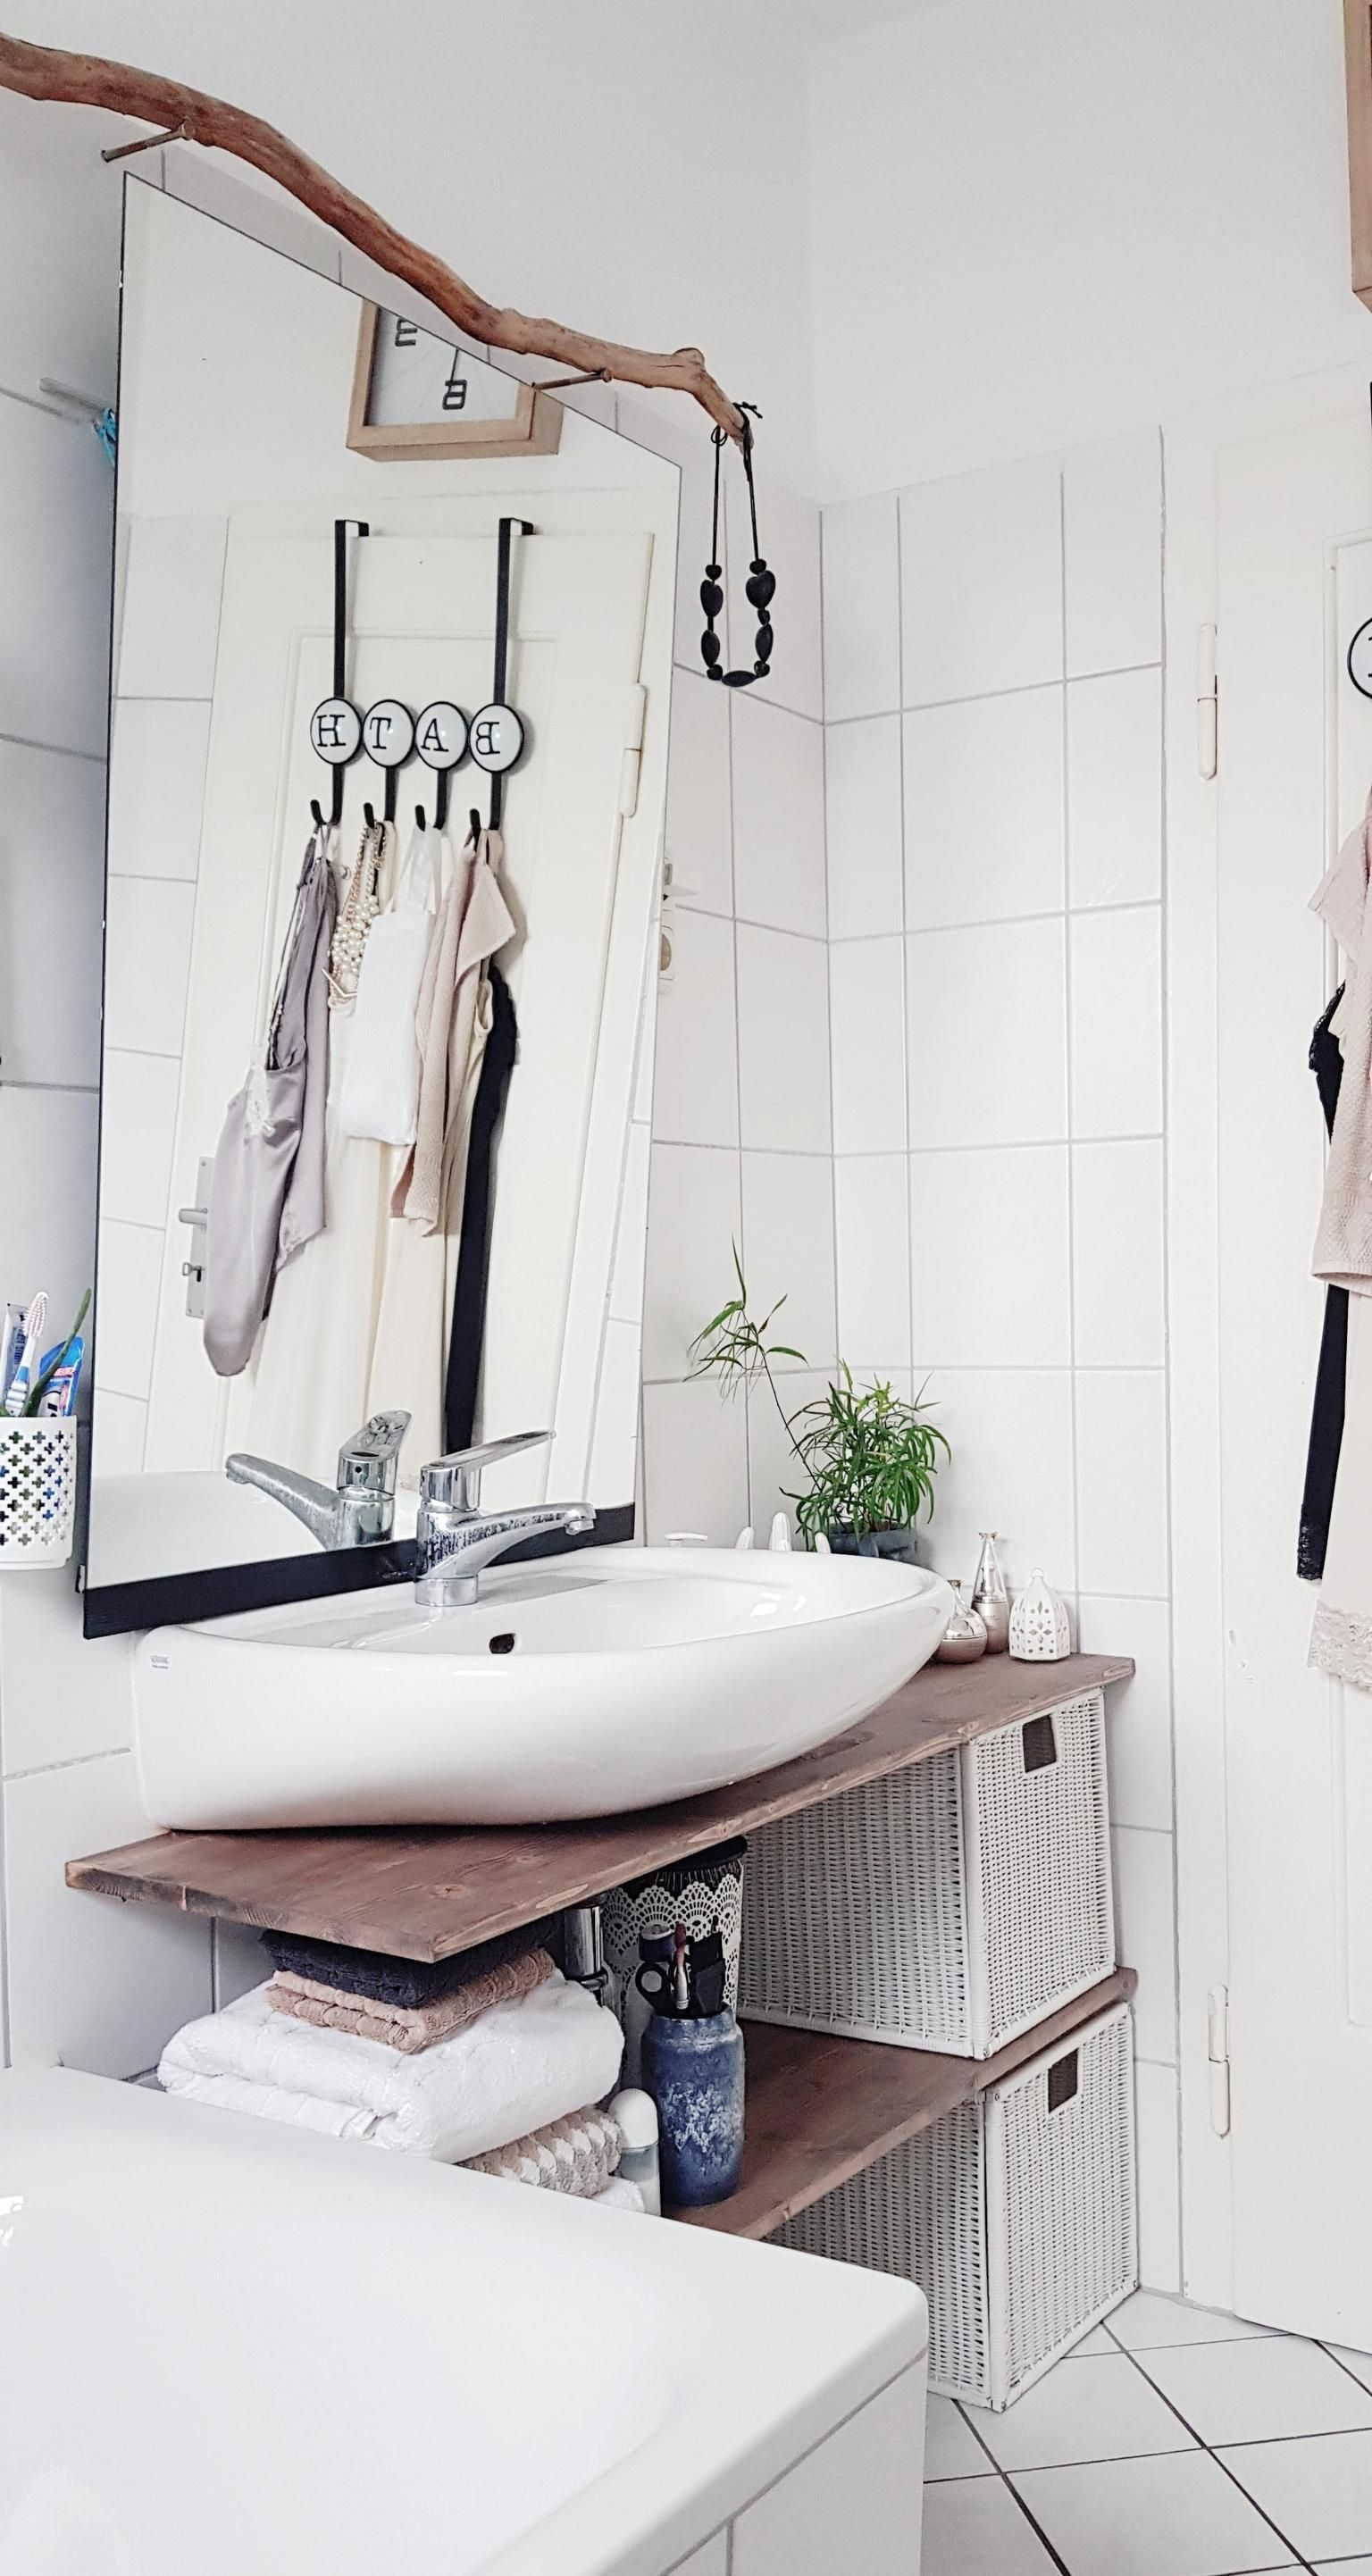 Kleinraum Minibad Badezimmer Diy Regal Badezimmer Gunstig Badezimmer Diy Badezimmer Klein